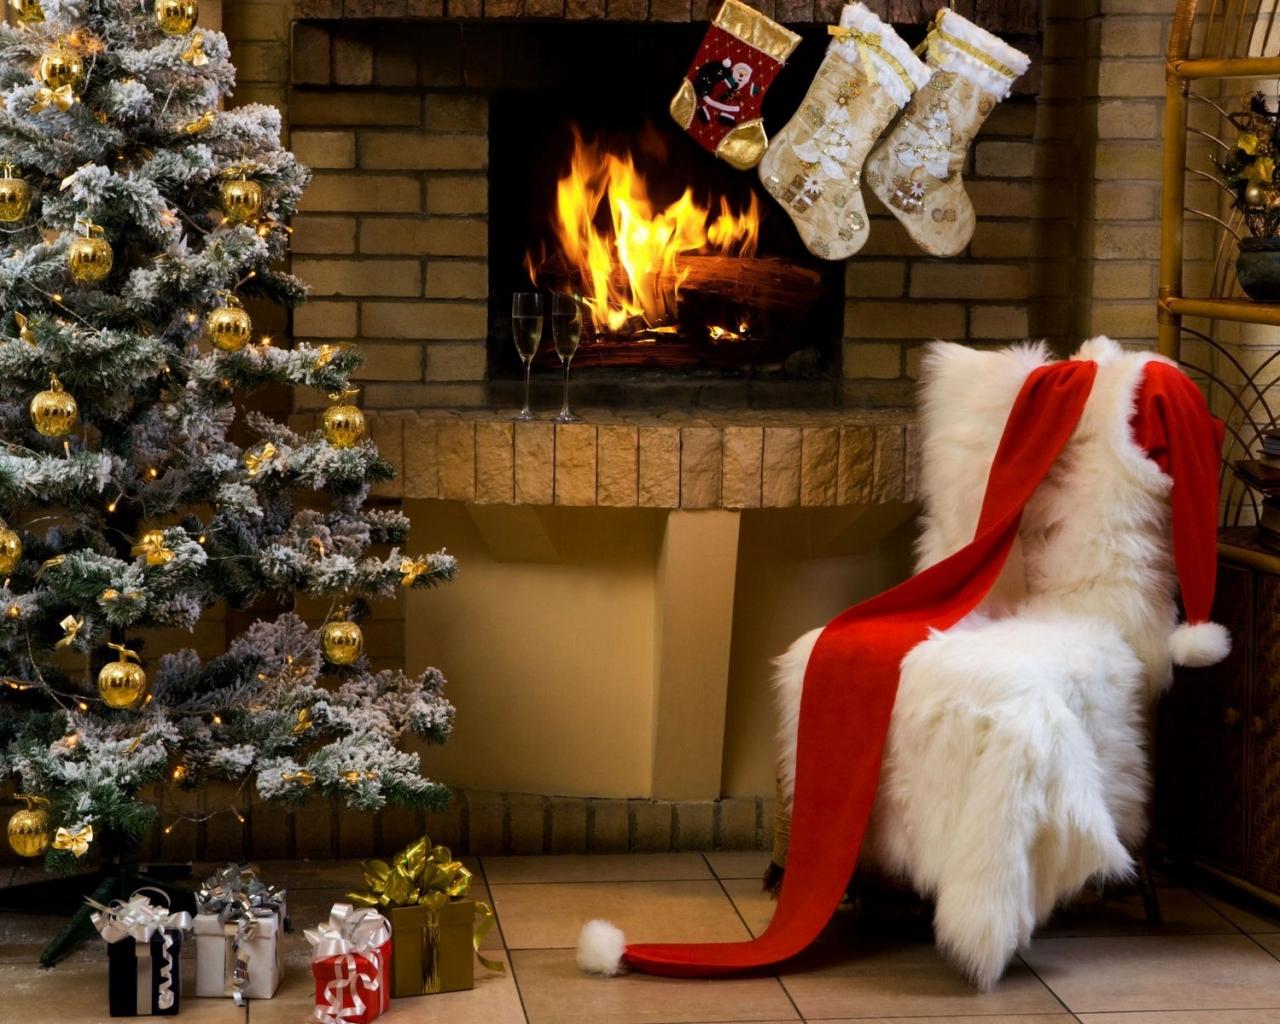 El disfraz de Papa Noel - 1280x1024